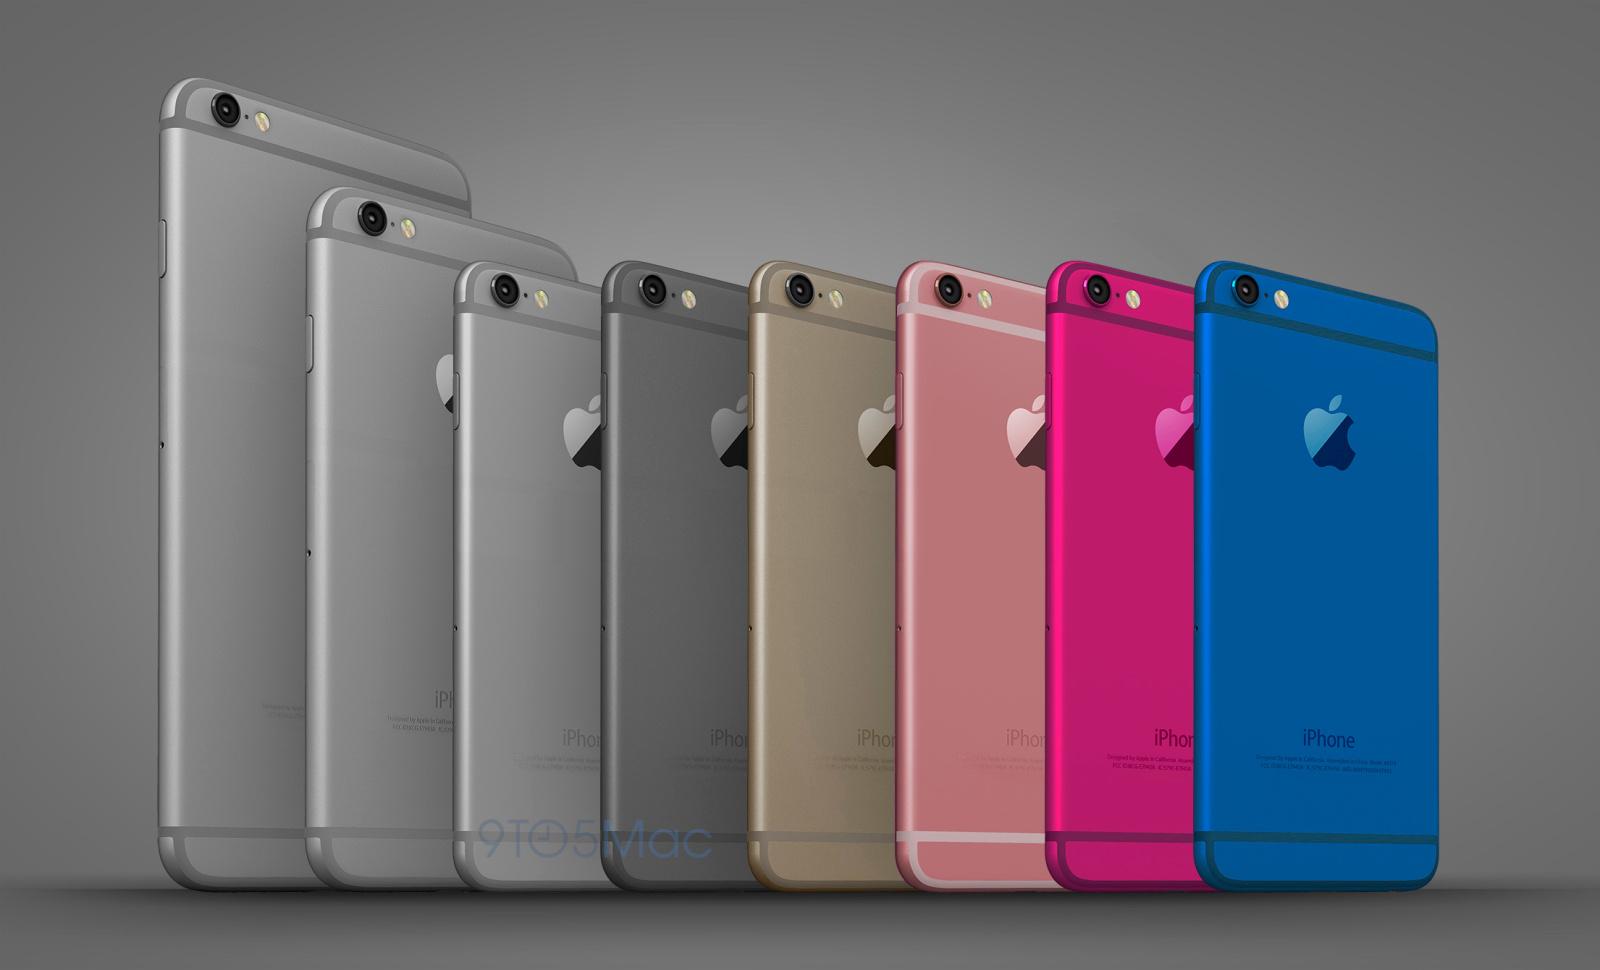 iphone-6c-iphones